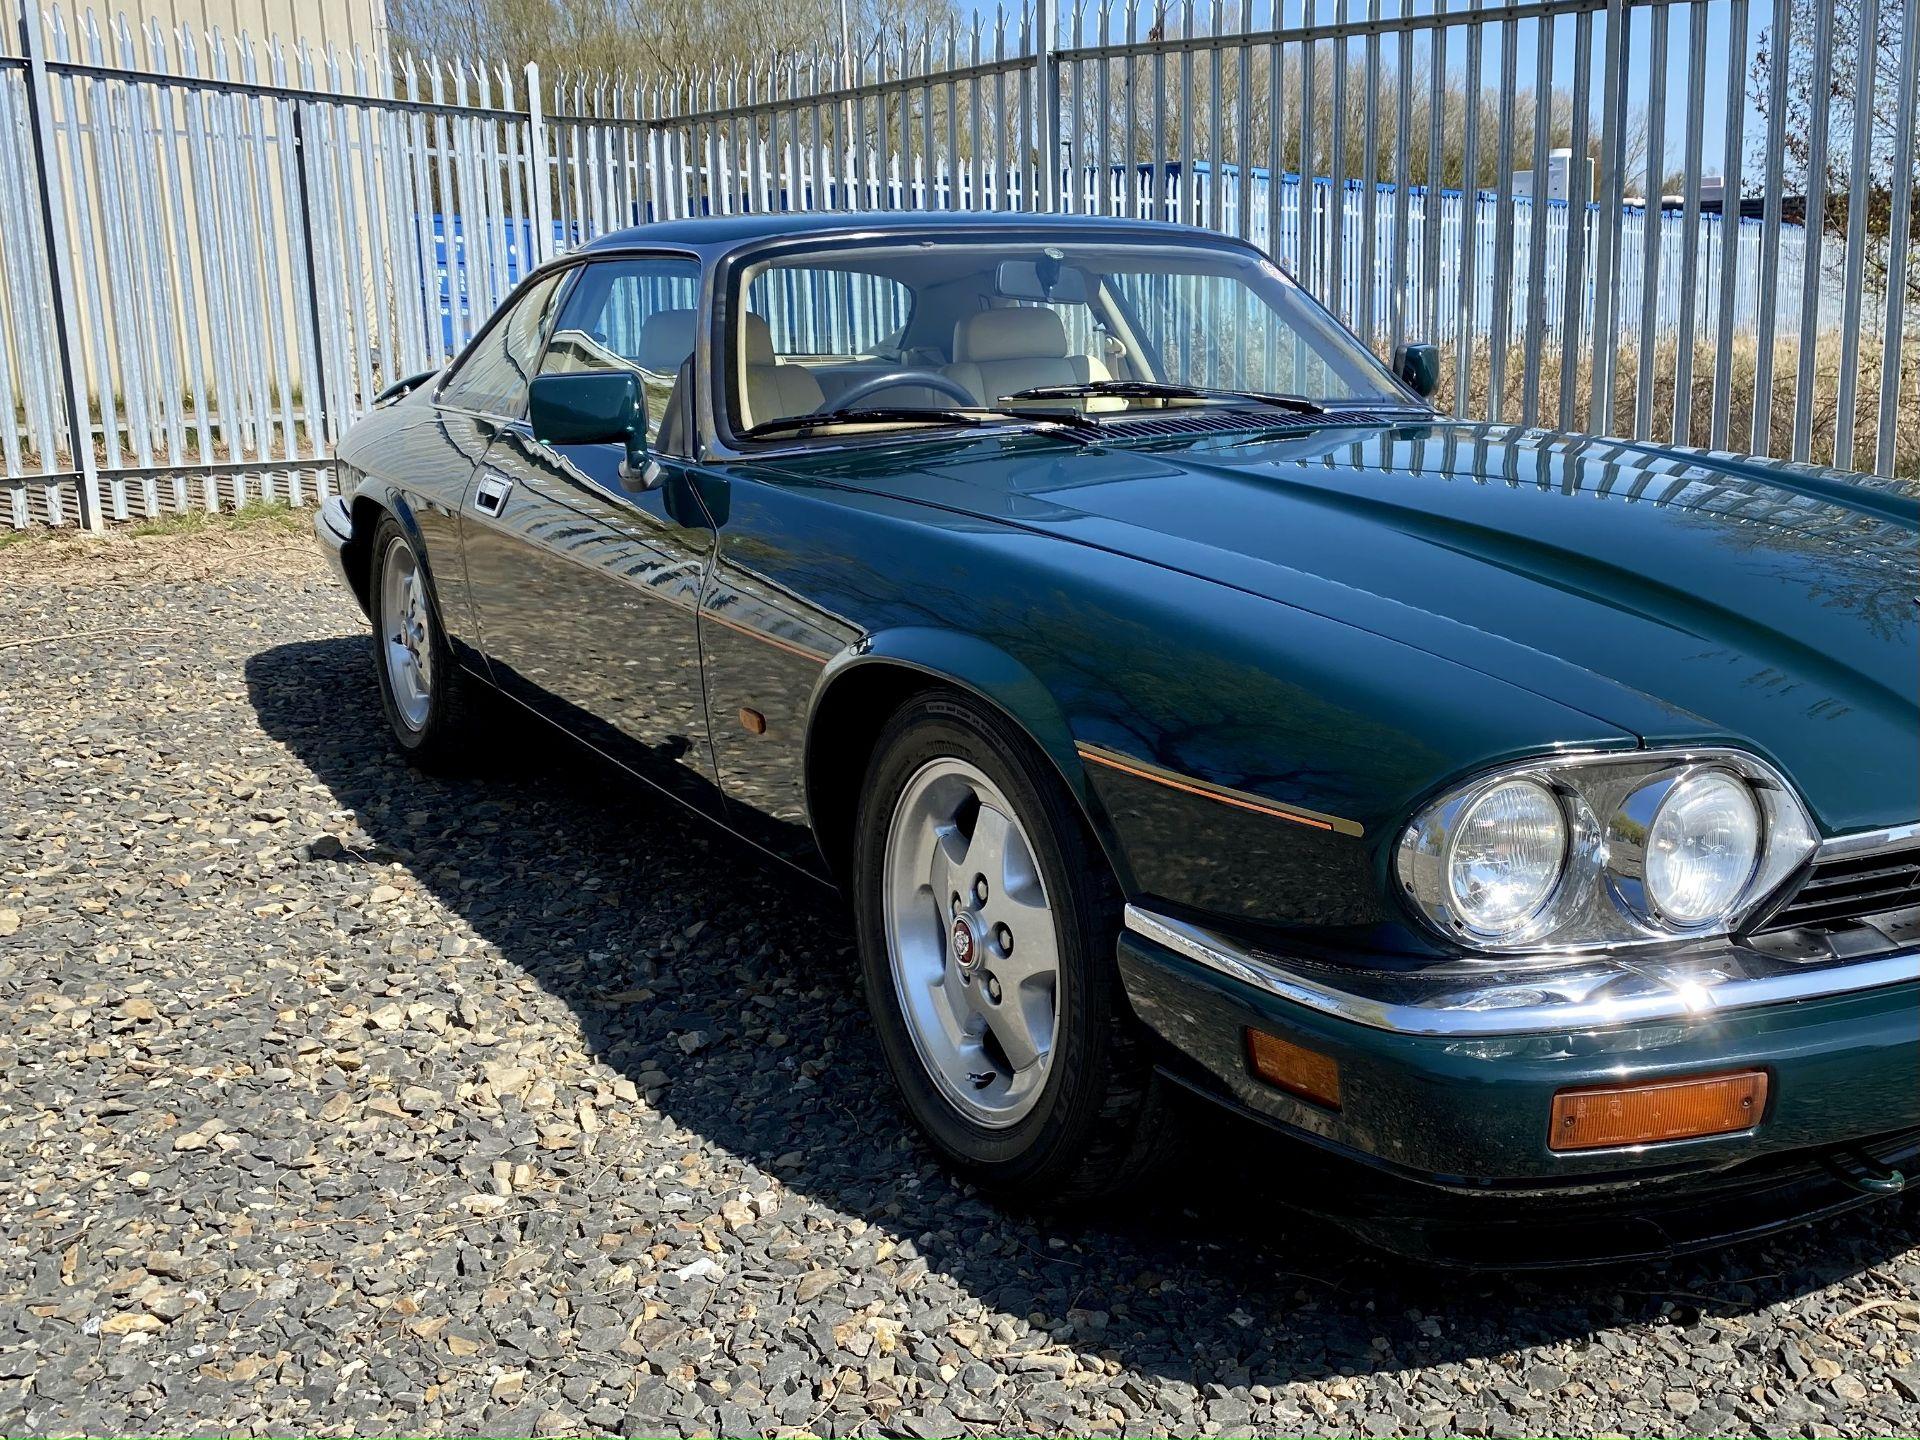 Jaguar XJS coupe - Image 29 of 64